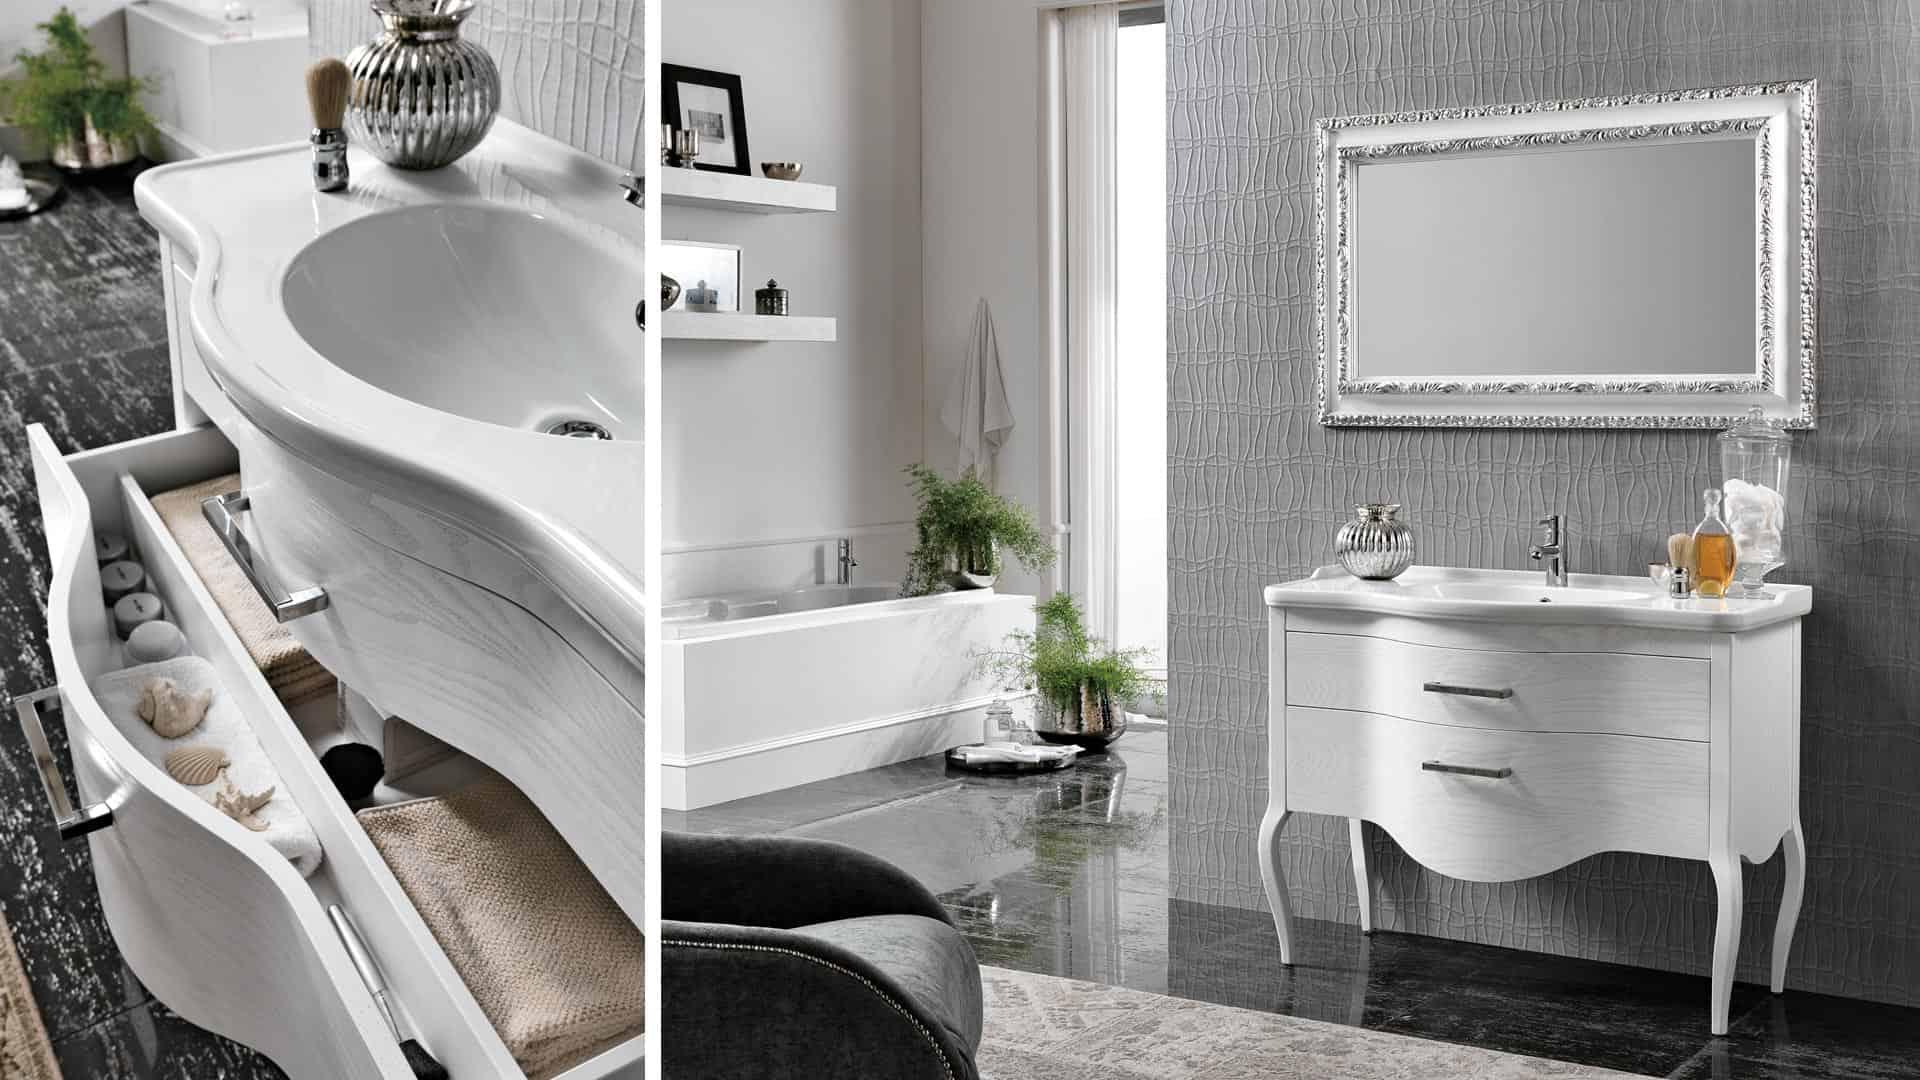 Come scegliere il mobile lavabo a terra sospeso o extra - Mobili bagno stretti ...